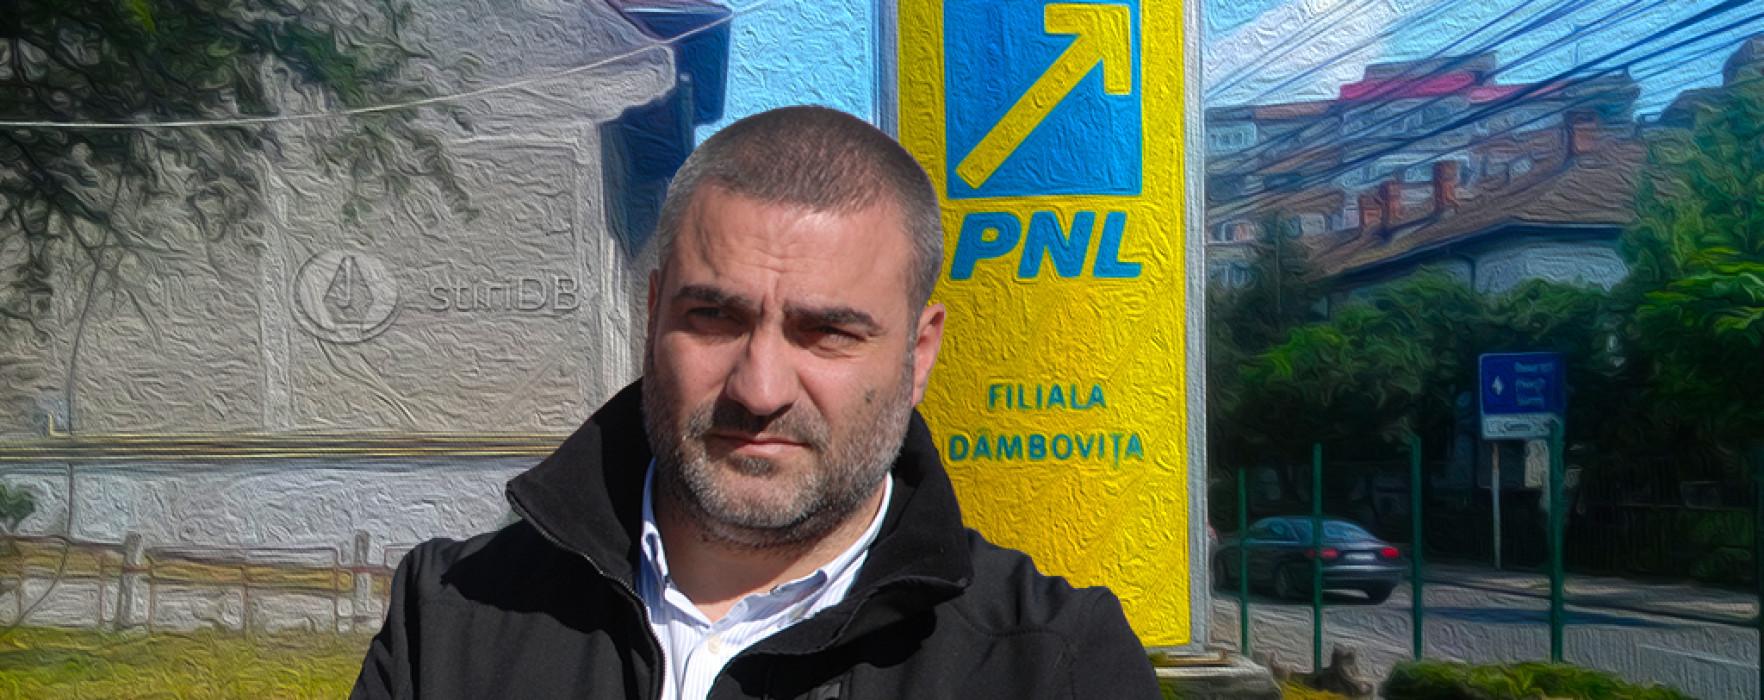 Firma lui Mihail Volintiru dă în judecată PNL (audio)